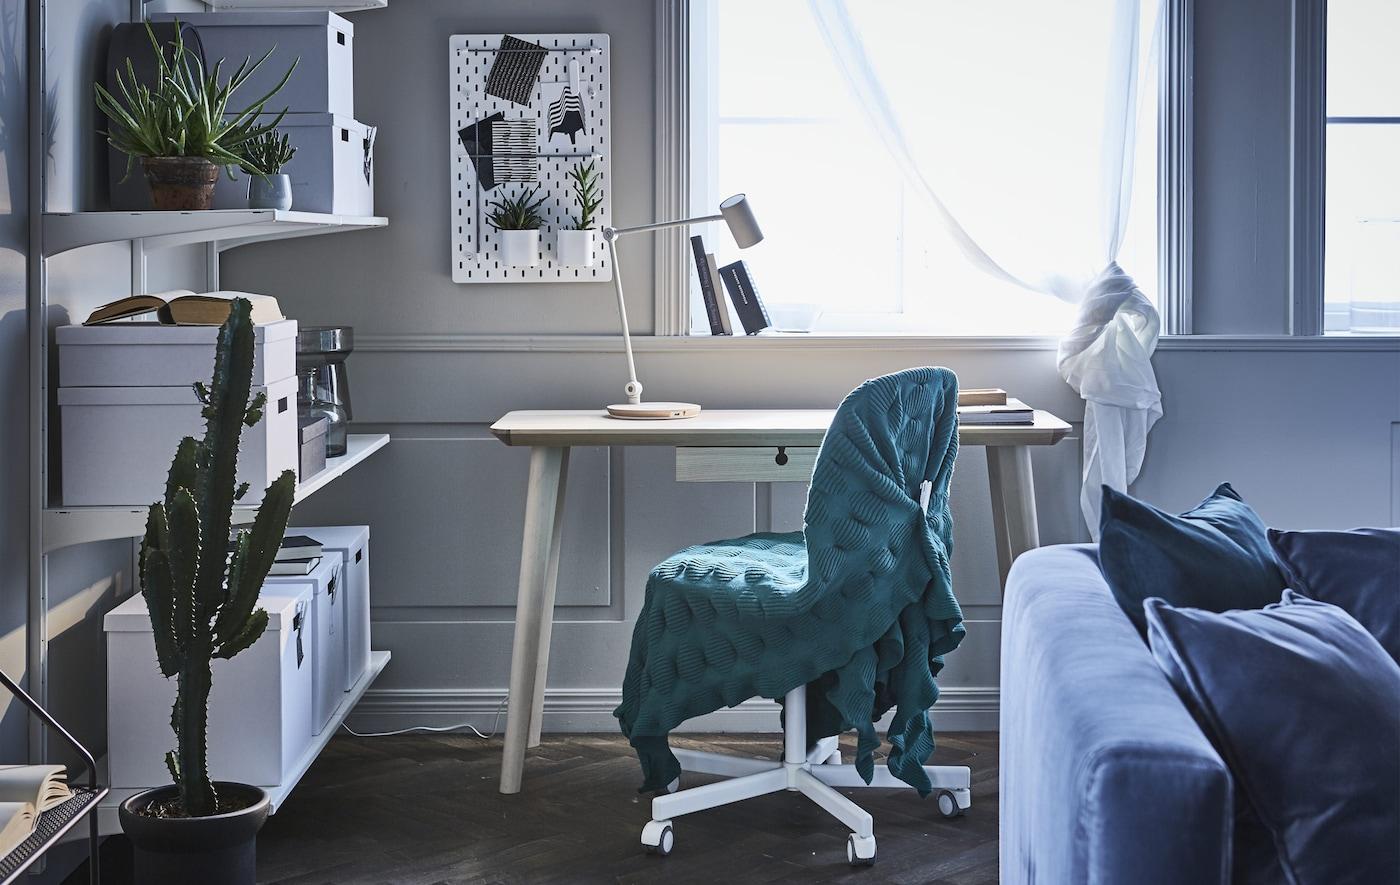 모던한 오피스 가구들로 거실에 홈 오피스를 꾸며보세요. 의자를 그린색 스로우로 감싸주기만 해도 주변 인테리어와 잘 어울리도록 연출할 수 있어요. ÖRFJÄLL/외르피엘 & SPORREN/스포렌 회전의자처럼 IKEA의 다양한 사무용 의자들을 확인해보세요.